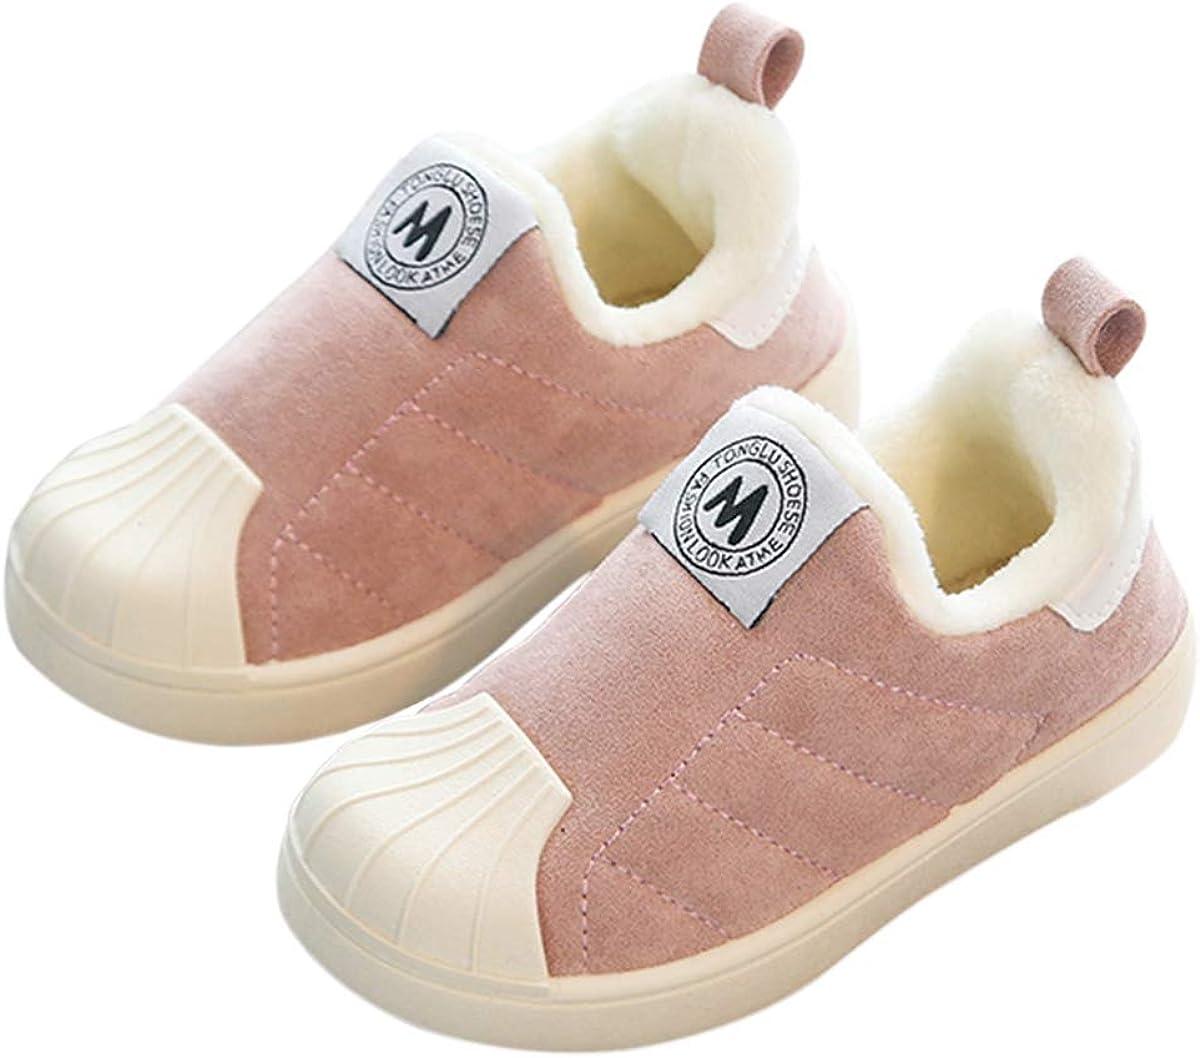 DEBAIJIA Chaussures pour Tout-Petits 1-7T B/éb/é Enfants Marche Changement Progressif Couleur Semelle Souple Antid/érapant Mesh PVC Mat/ériau